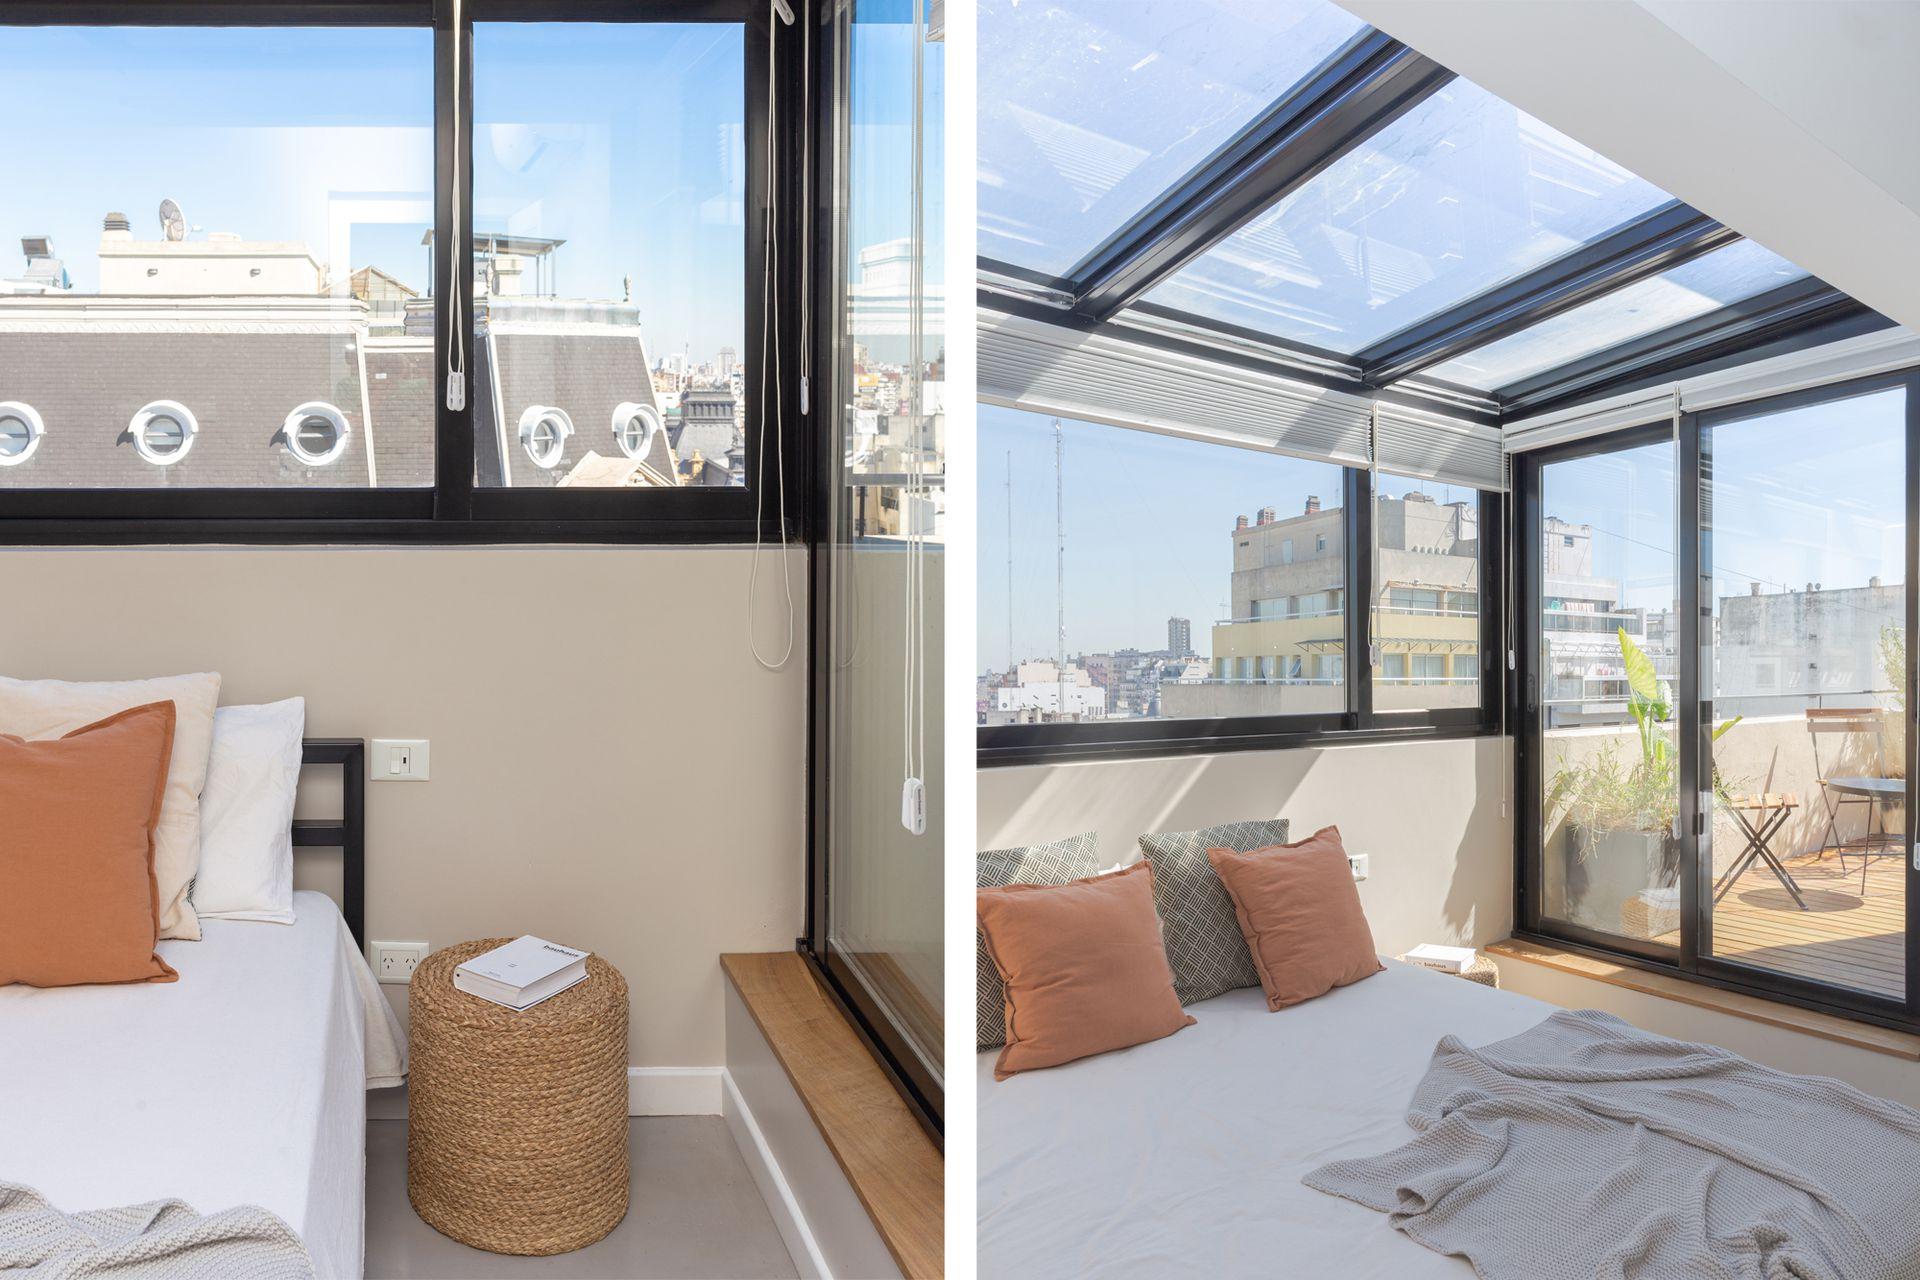 Cortinas blackout 'Duette' (Hunter Douglas) en ventanas y techo permiten oscurecer por la noche. Piso de microcemento alisado (Monolitic) y cama de hierro (Wa Aquitectura).